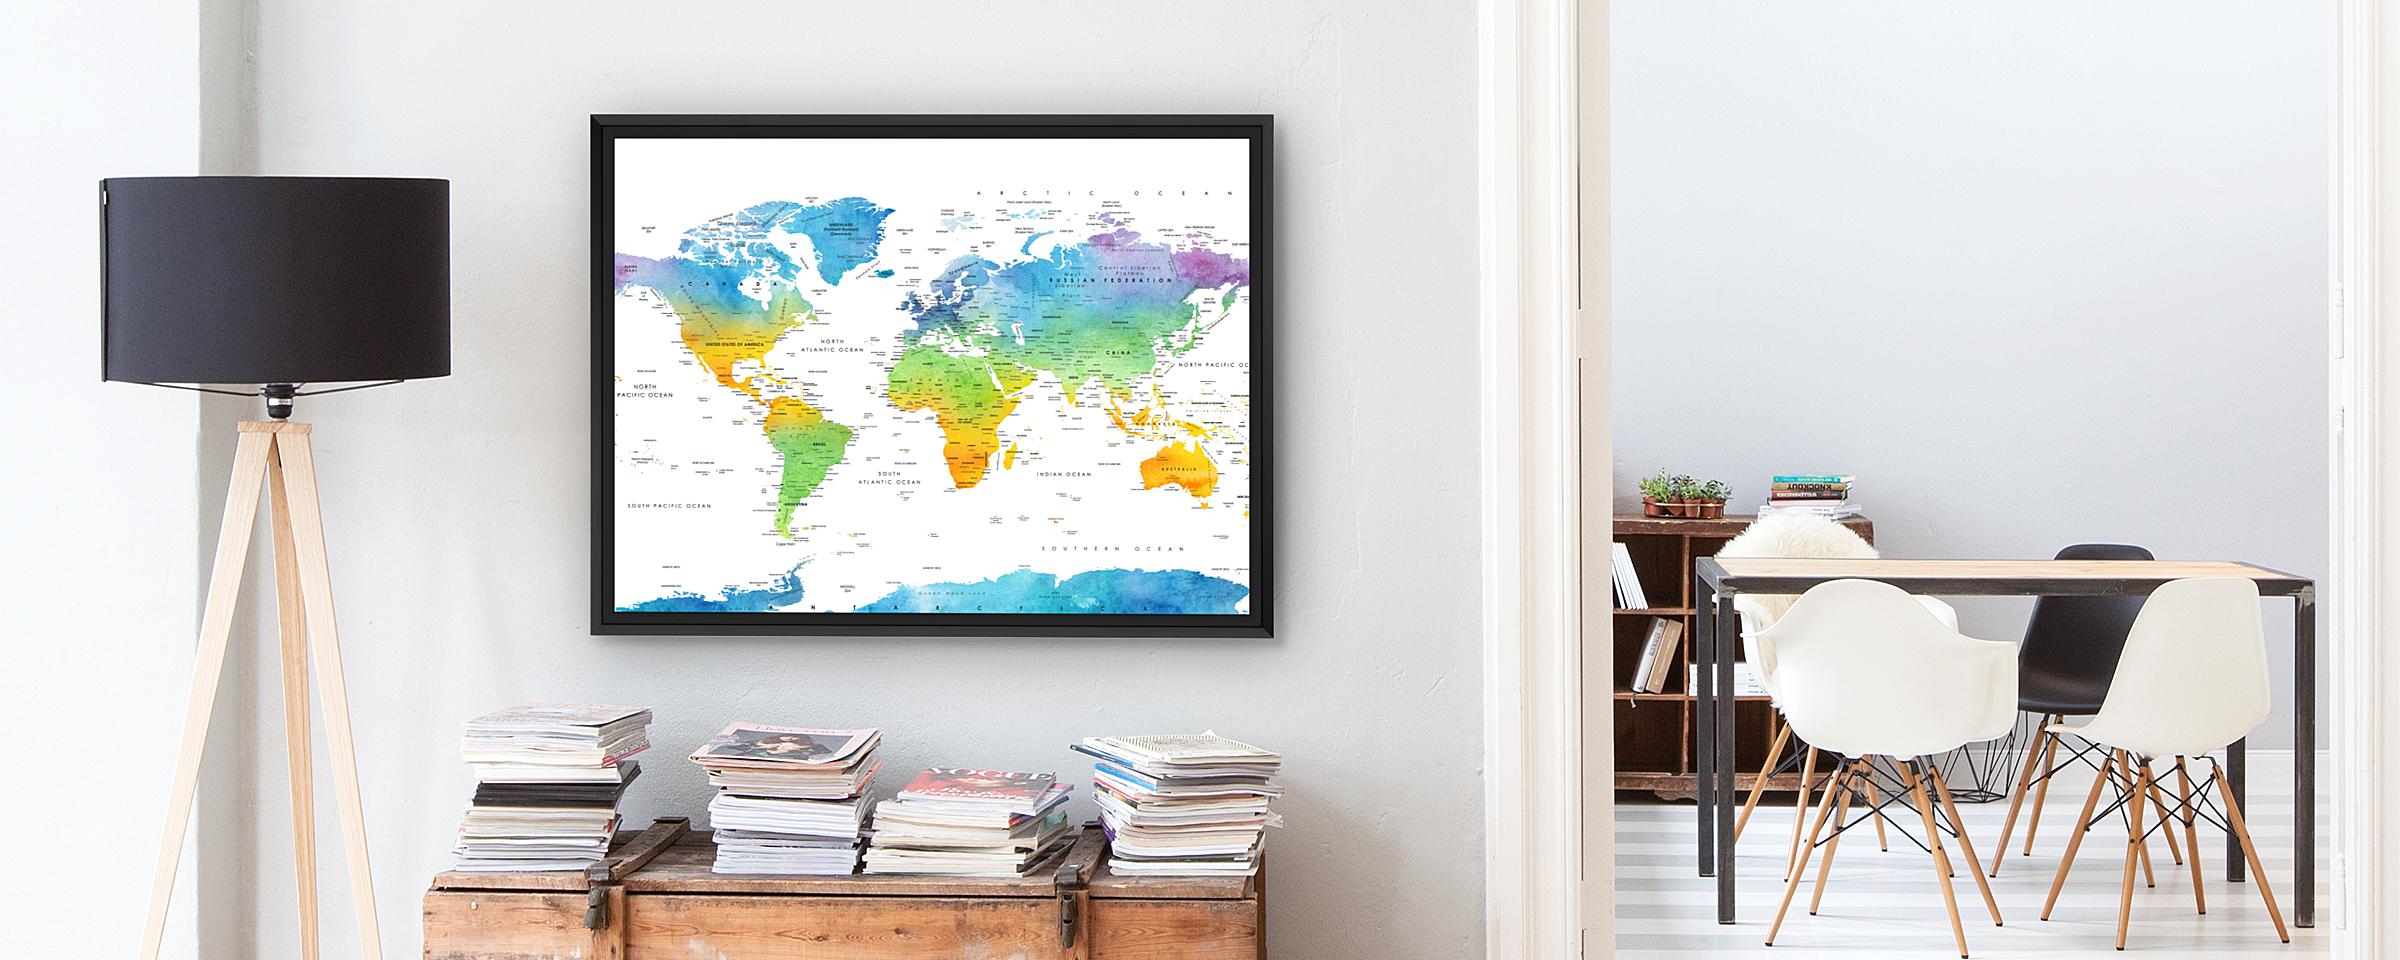 wereldkaart aan muur met lamp en stoelen